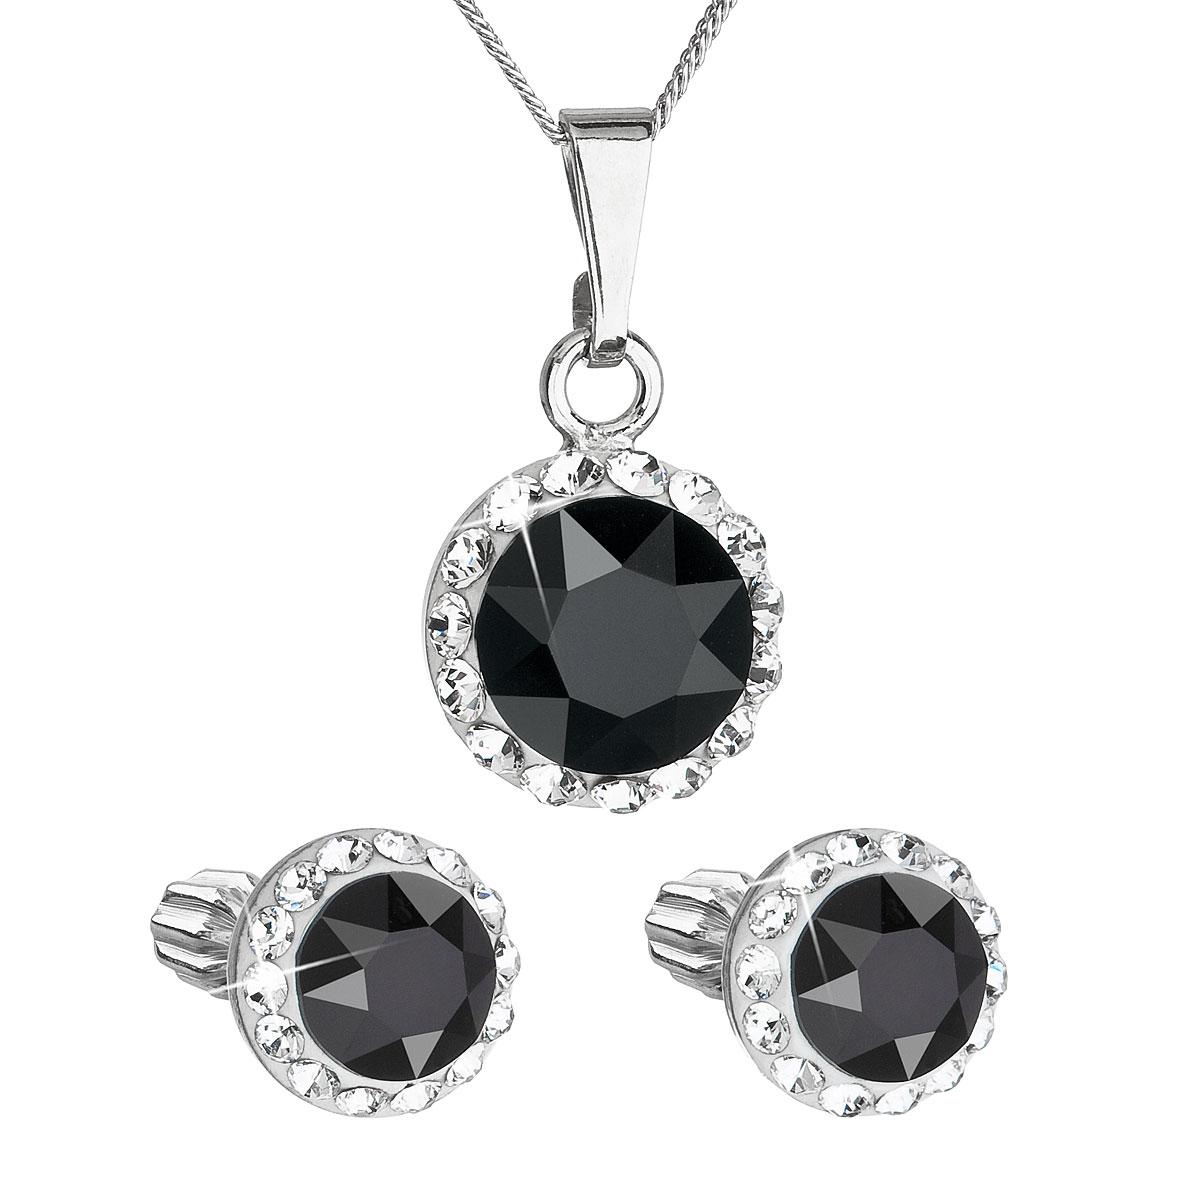 EVOLUTION GROUP Sada šperkov s krištáľmi Swarovski náušnice a prívesok  čierne okrúhle 39152.3 2b5d4a94689